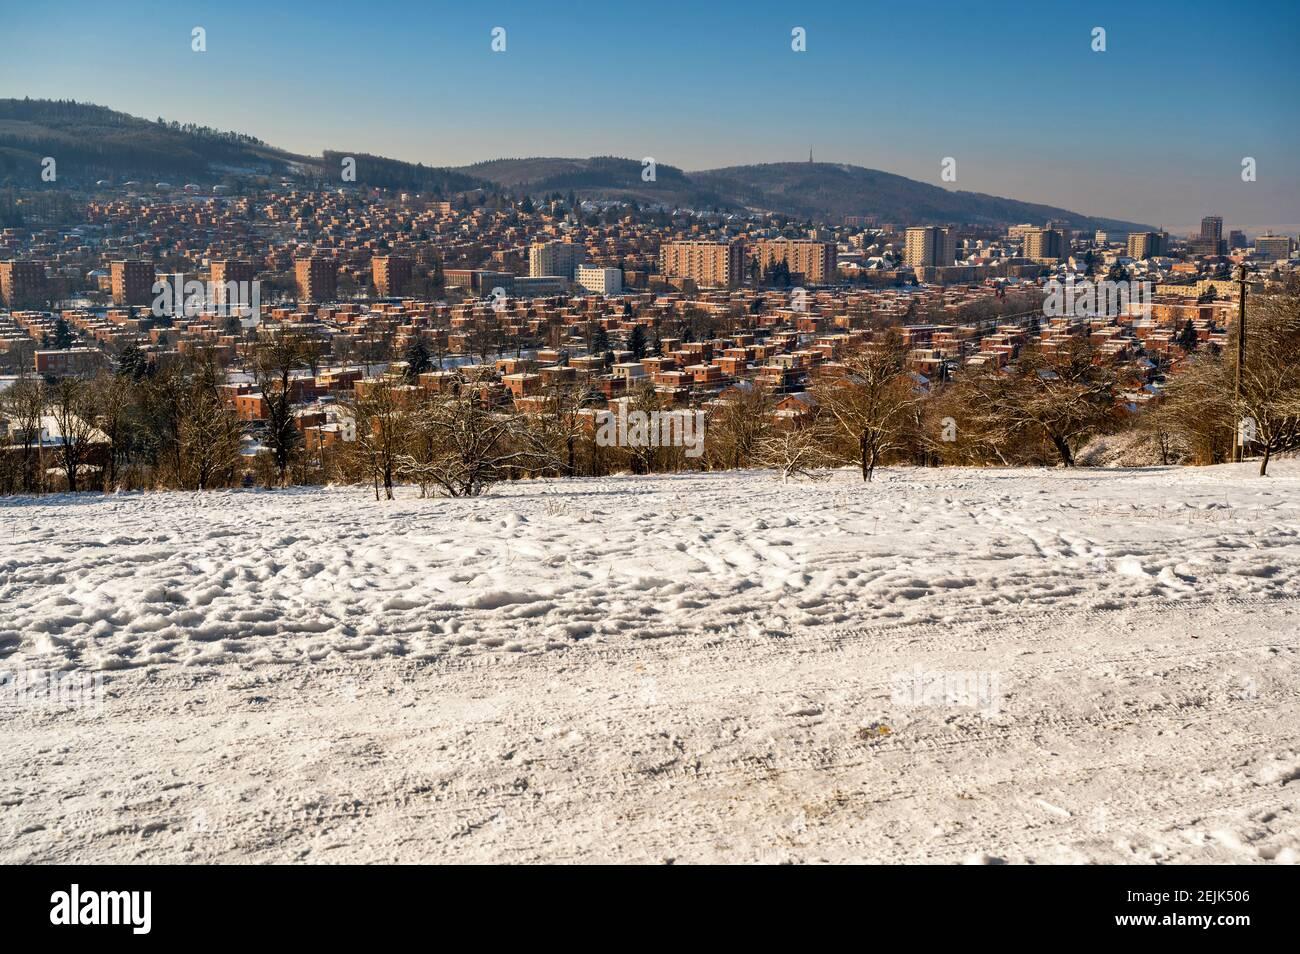 Wohngebiet, einzigartige Architektur von standardisierten roten Backsteinhäusern in der Stadt Zlin, Tschechische republik. Schneebedecktes Stadtpanorama, sonniger Wintertag. Stockfoto